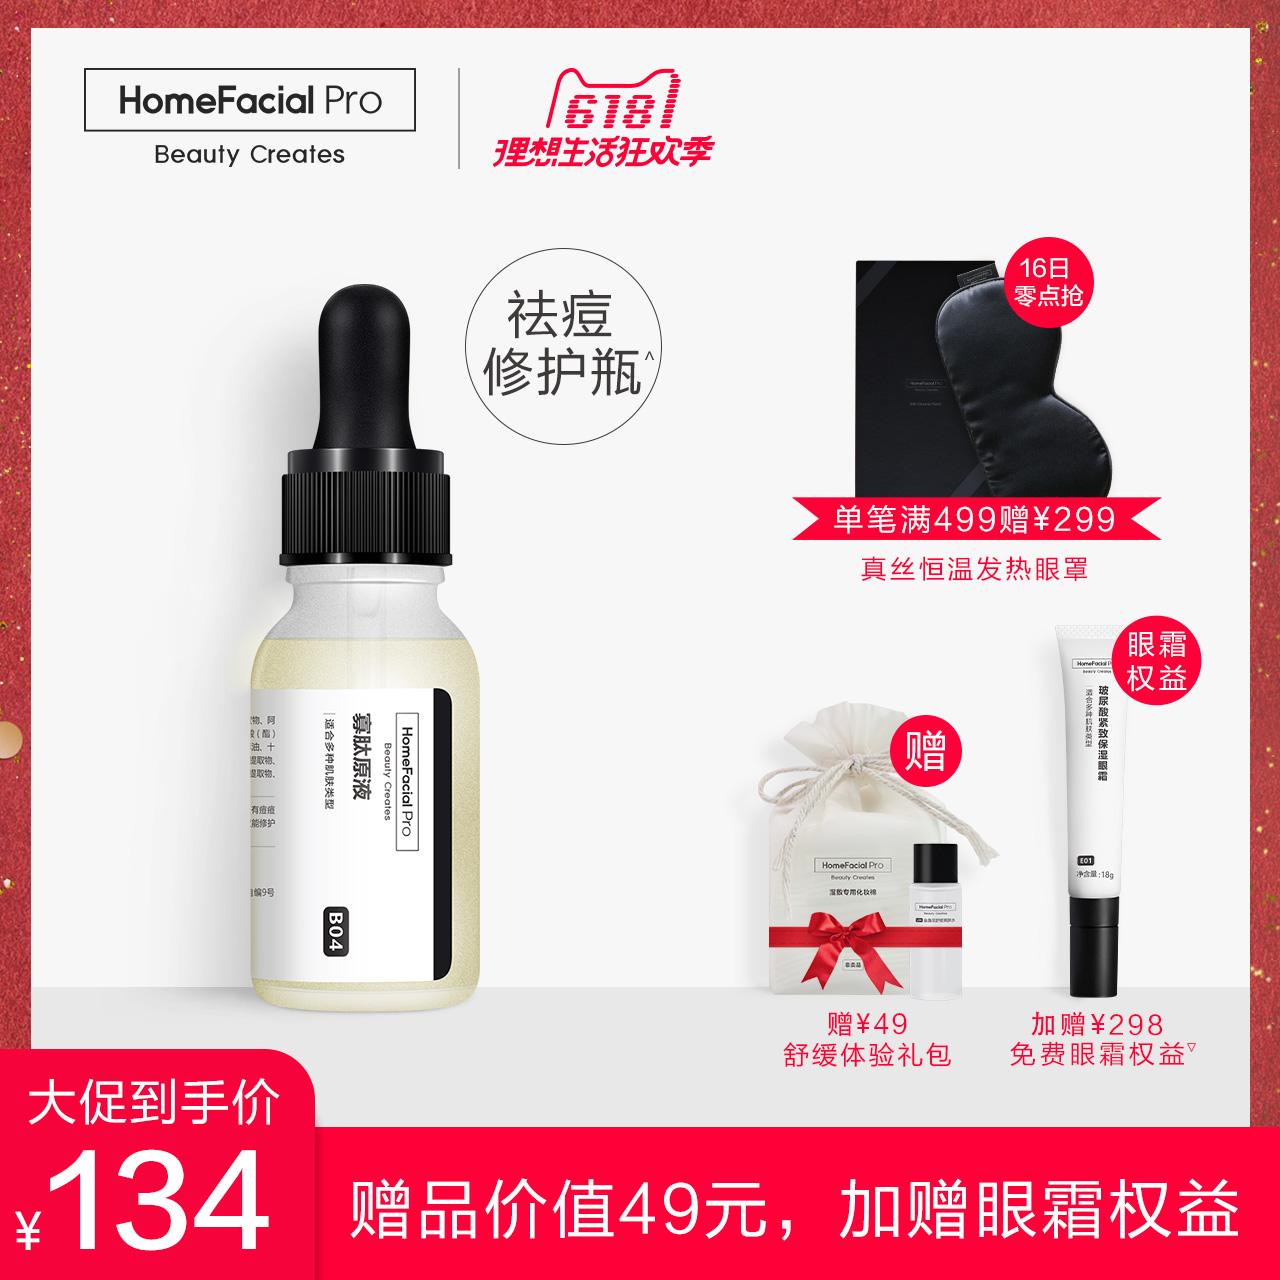 HomeFacial 寡肽原液怎样,效果好吗